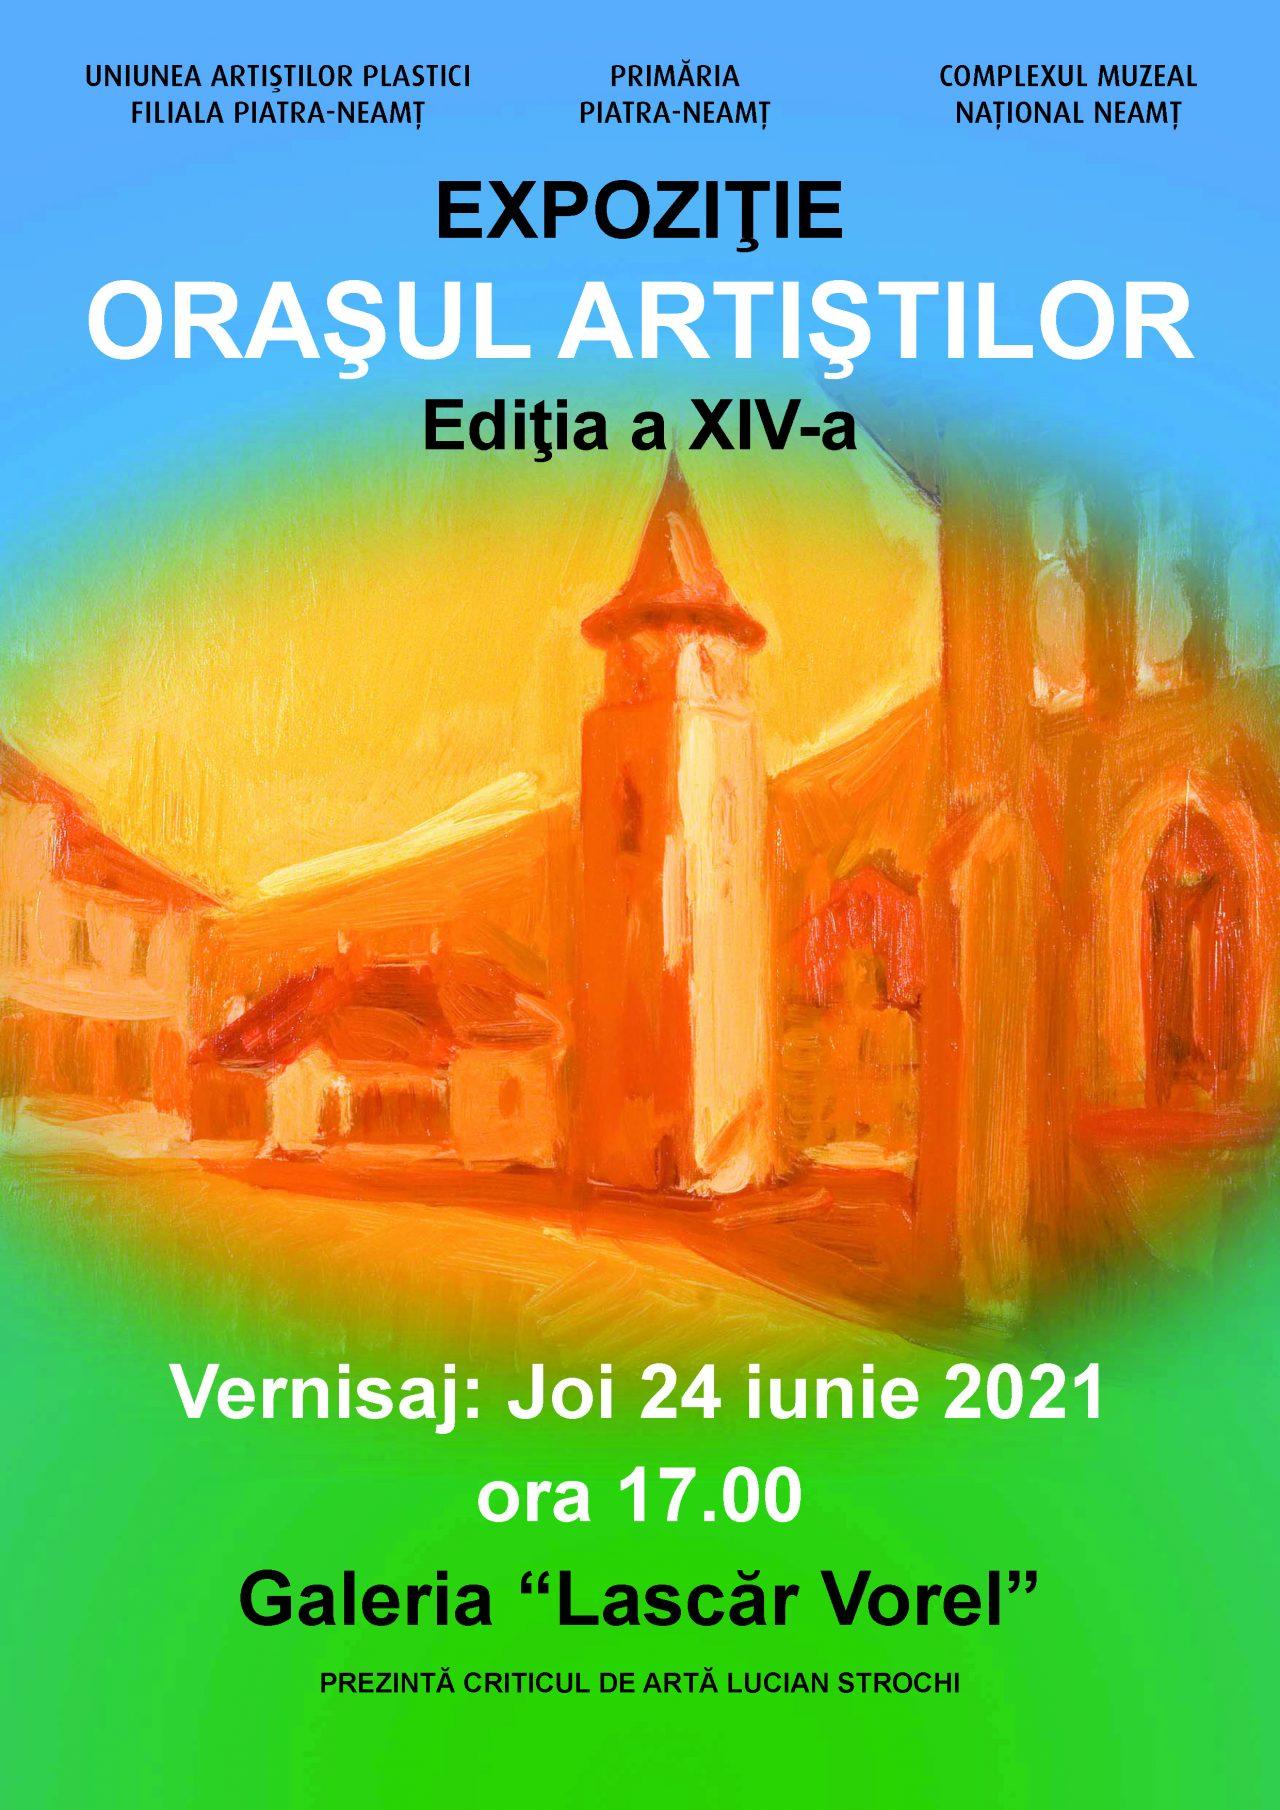 orasul-artistilor-2021-afis-1280x1810.jpg